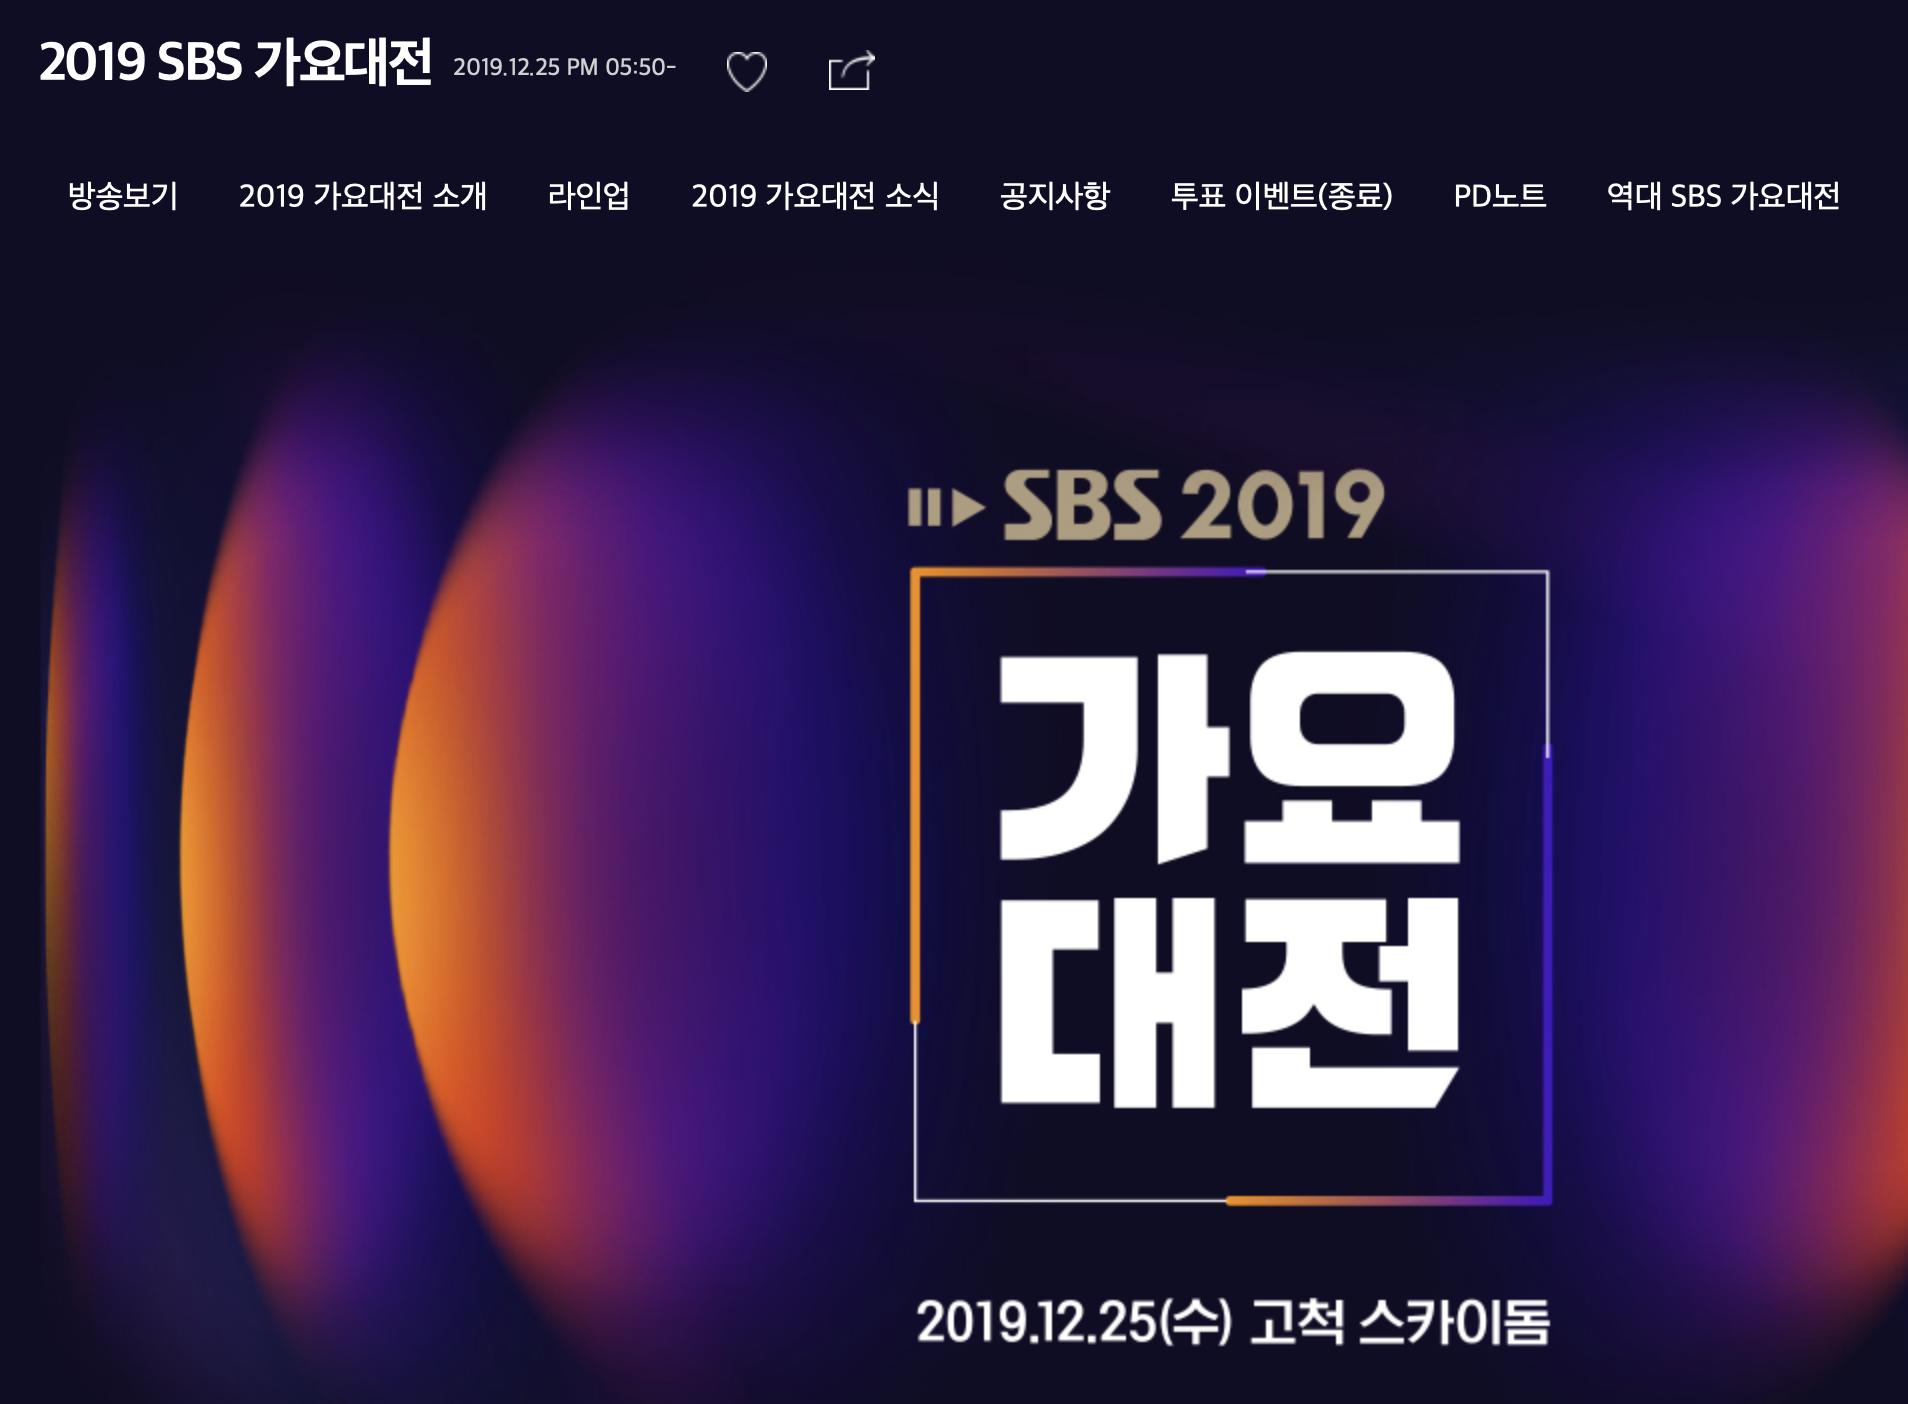 """2019 Sbs Ê°€ìš""""대전 ˝¼ì¸ì—… Ë°©íƒ""""소년단 ̗""""딩 ʸ°ëŒ€í•˜ëŠ"""" ̝´ìœ"""